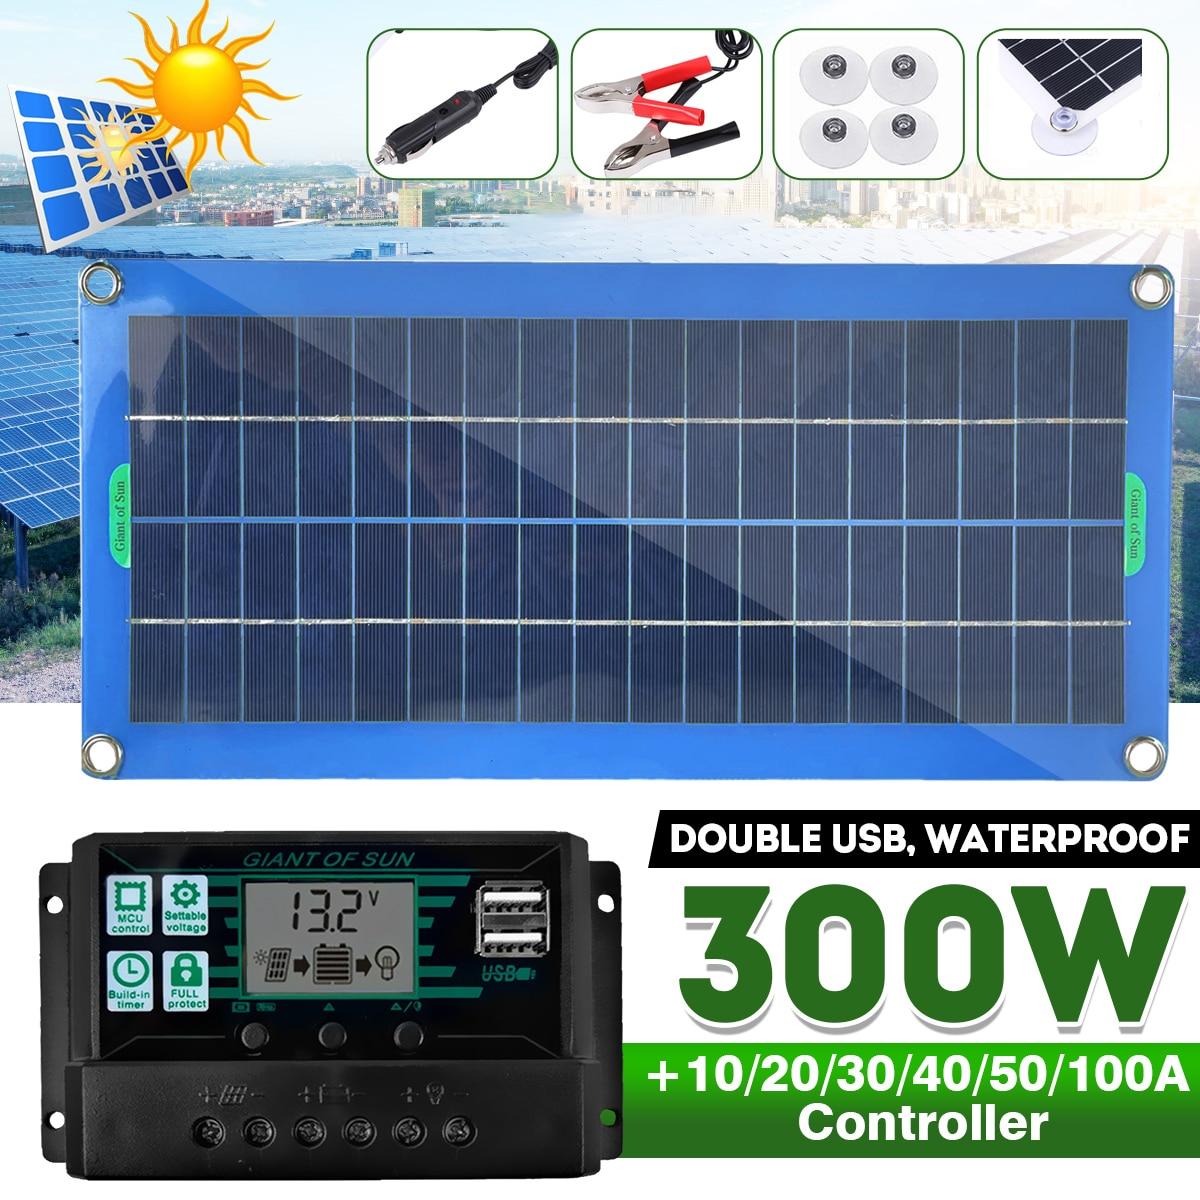 لوحة شمسية خارجية للتخييم والمشي لمسافات طويلة ، 300 واط ، 12 فولت ، 5 فولت تيار مستمر ، 2 منفذ USB 100 أمبير ، شاحن سيارة